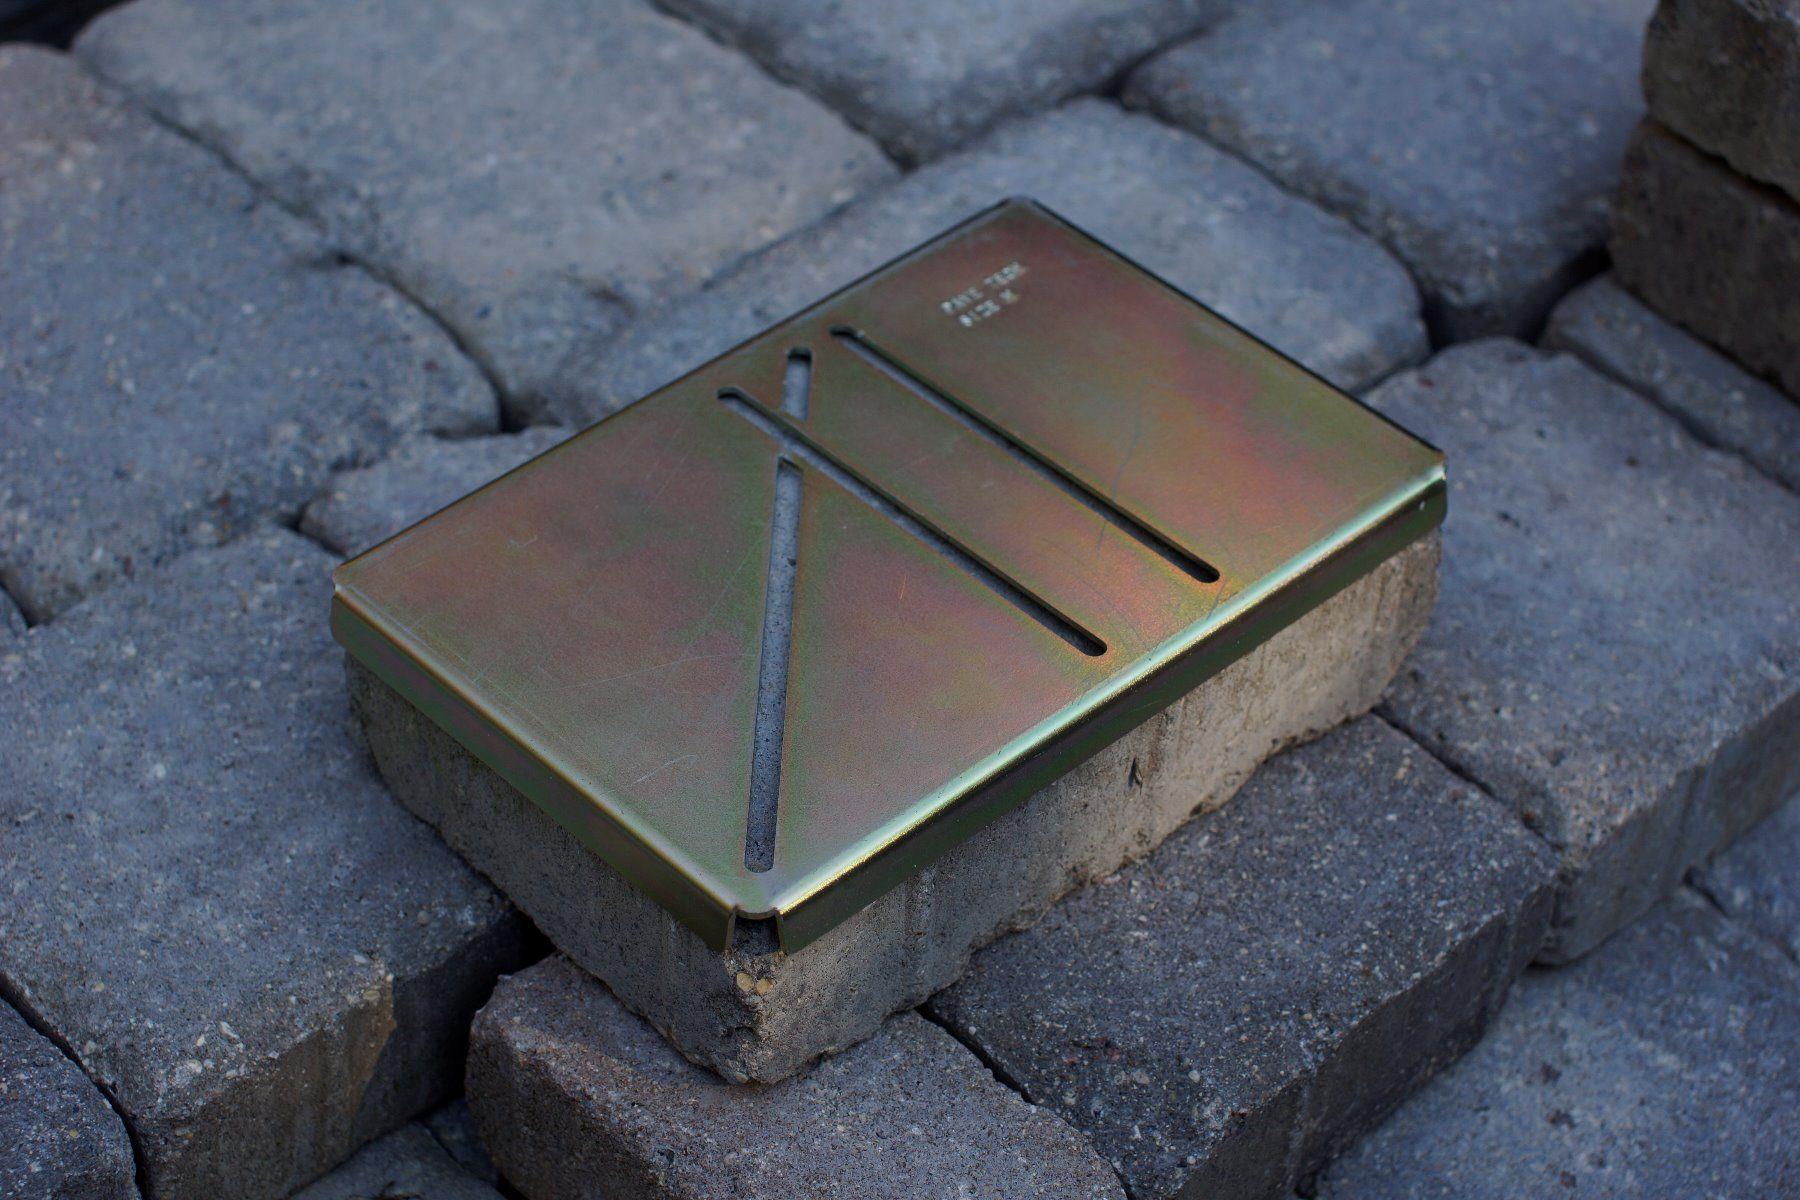 6 x 9 x 45 TemplateMARKER-H 6.18 x 9.33 in (157 x 237 mm)